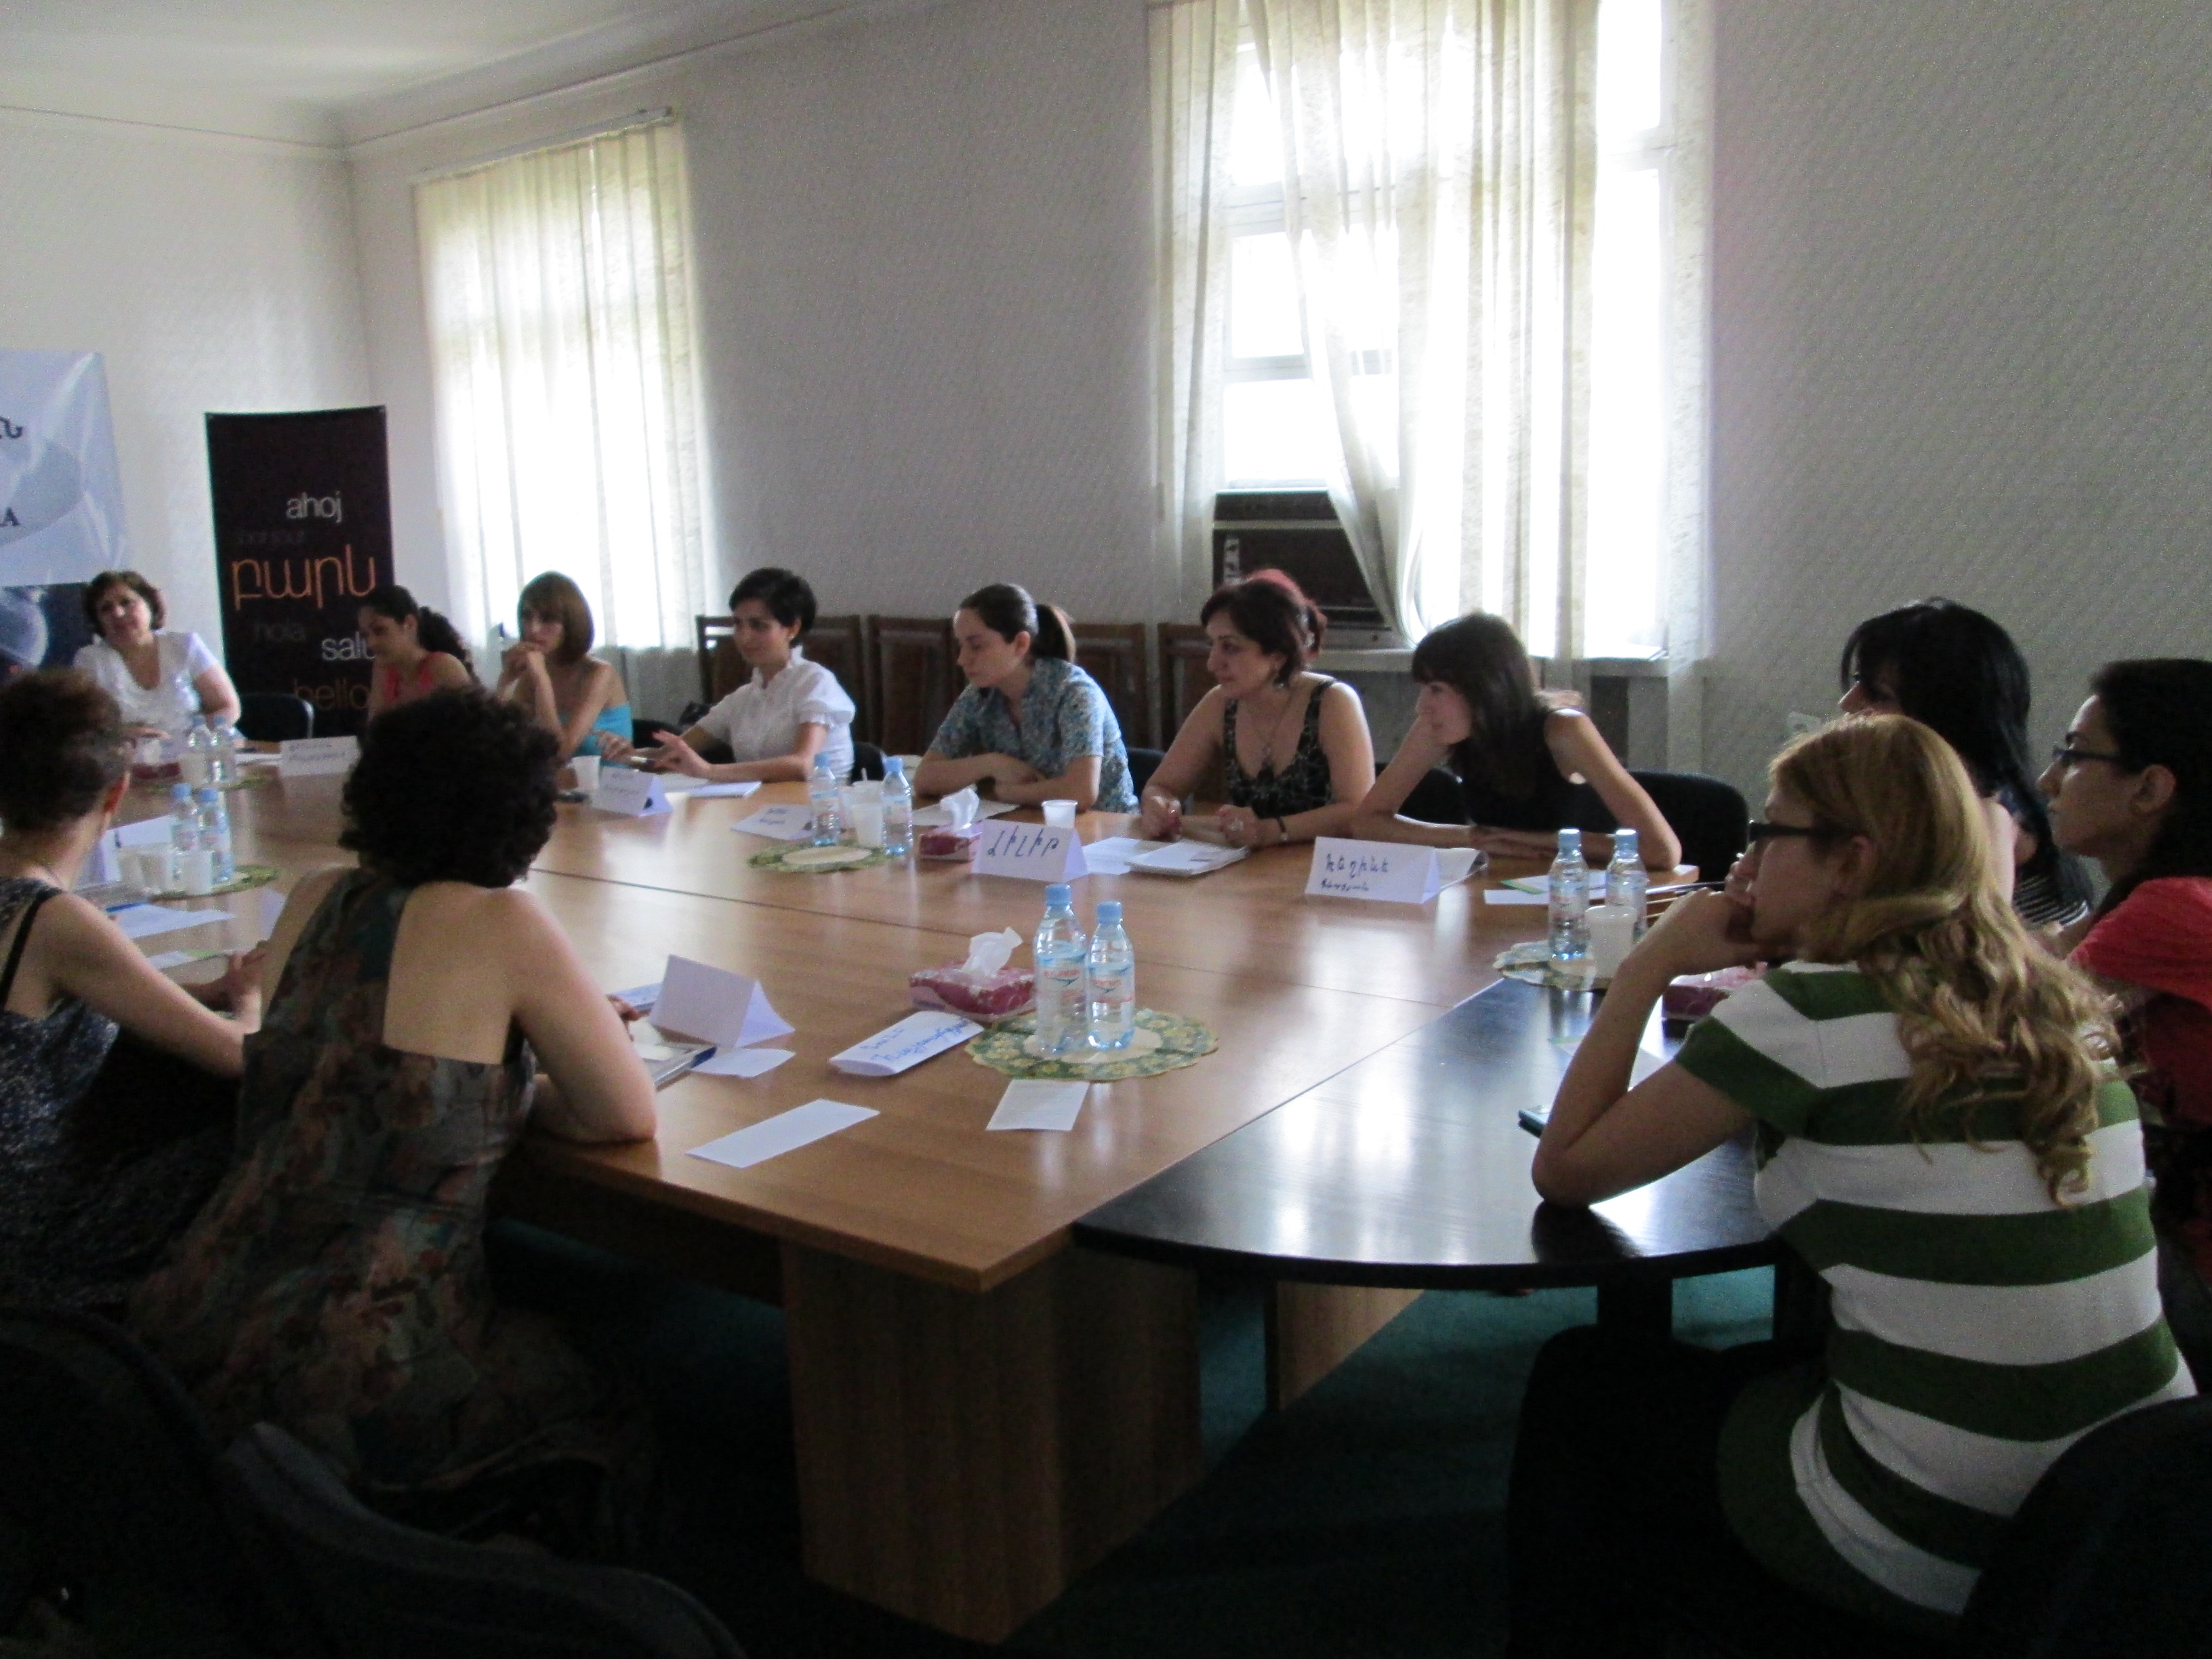 Հանդիպում Հայաստանի գործատուների հանրապետական միությունում ` Կանանց ձեռներեցության զարգացման ծրագրի շրջանակներում